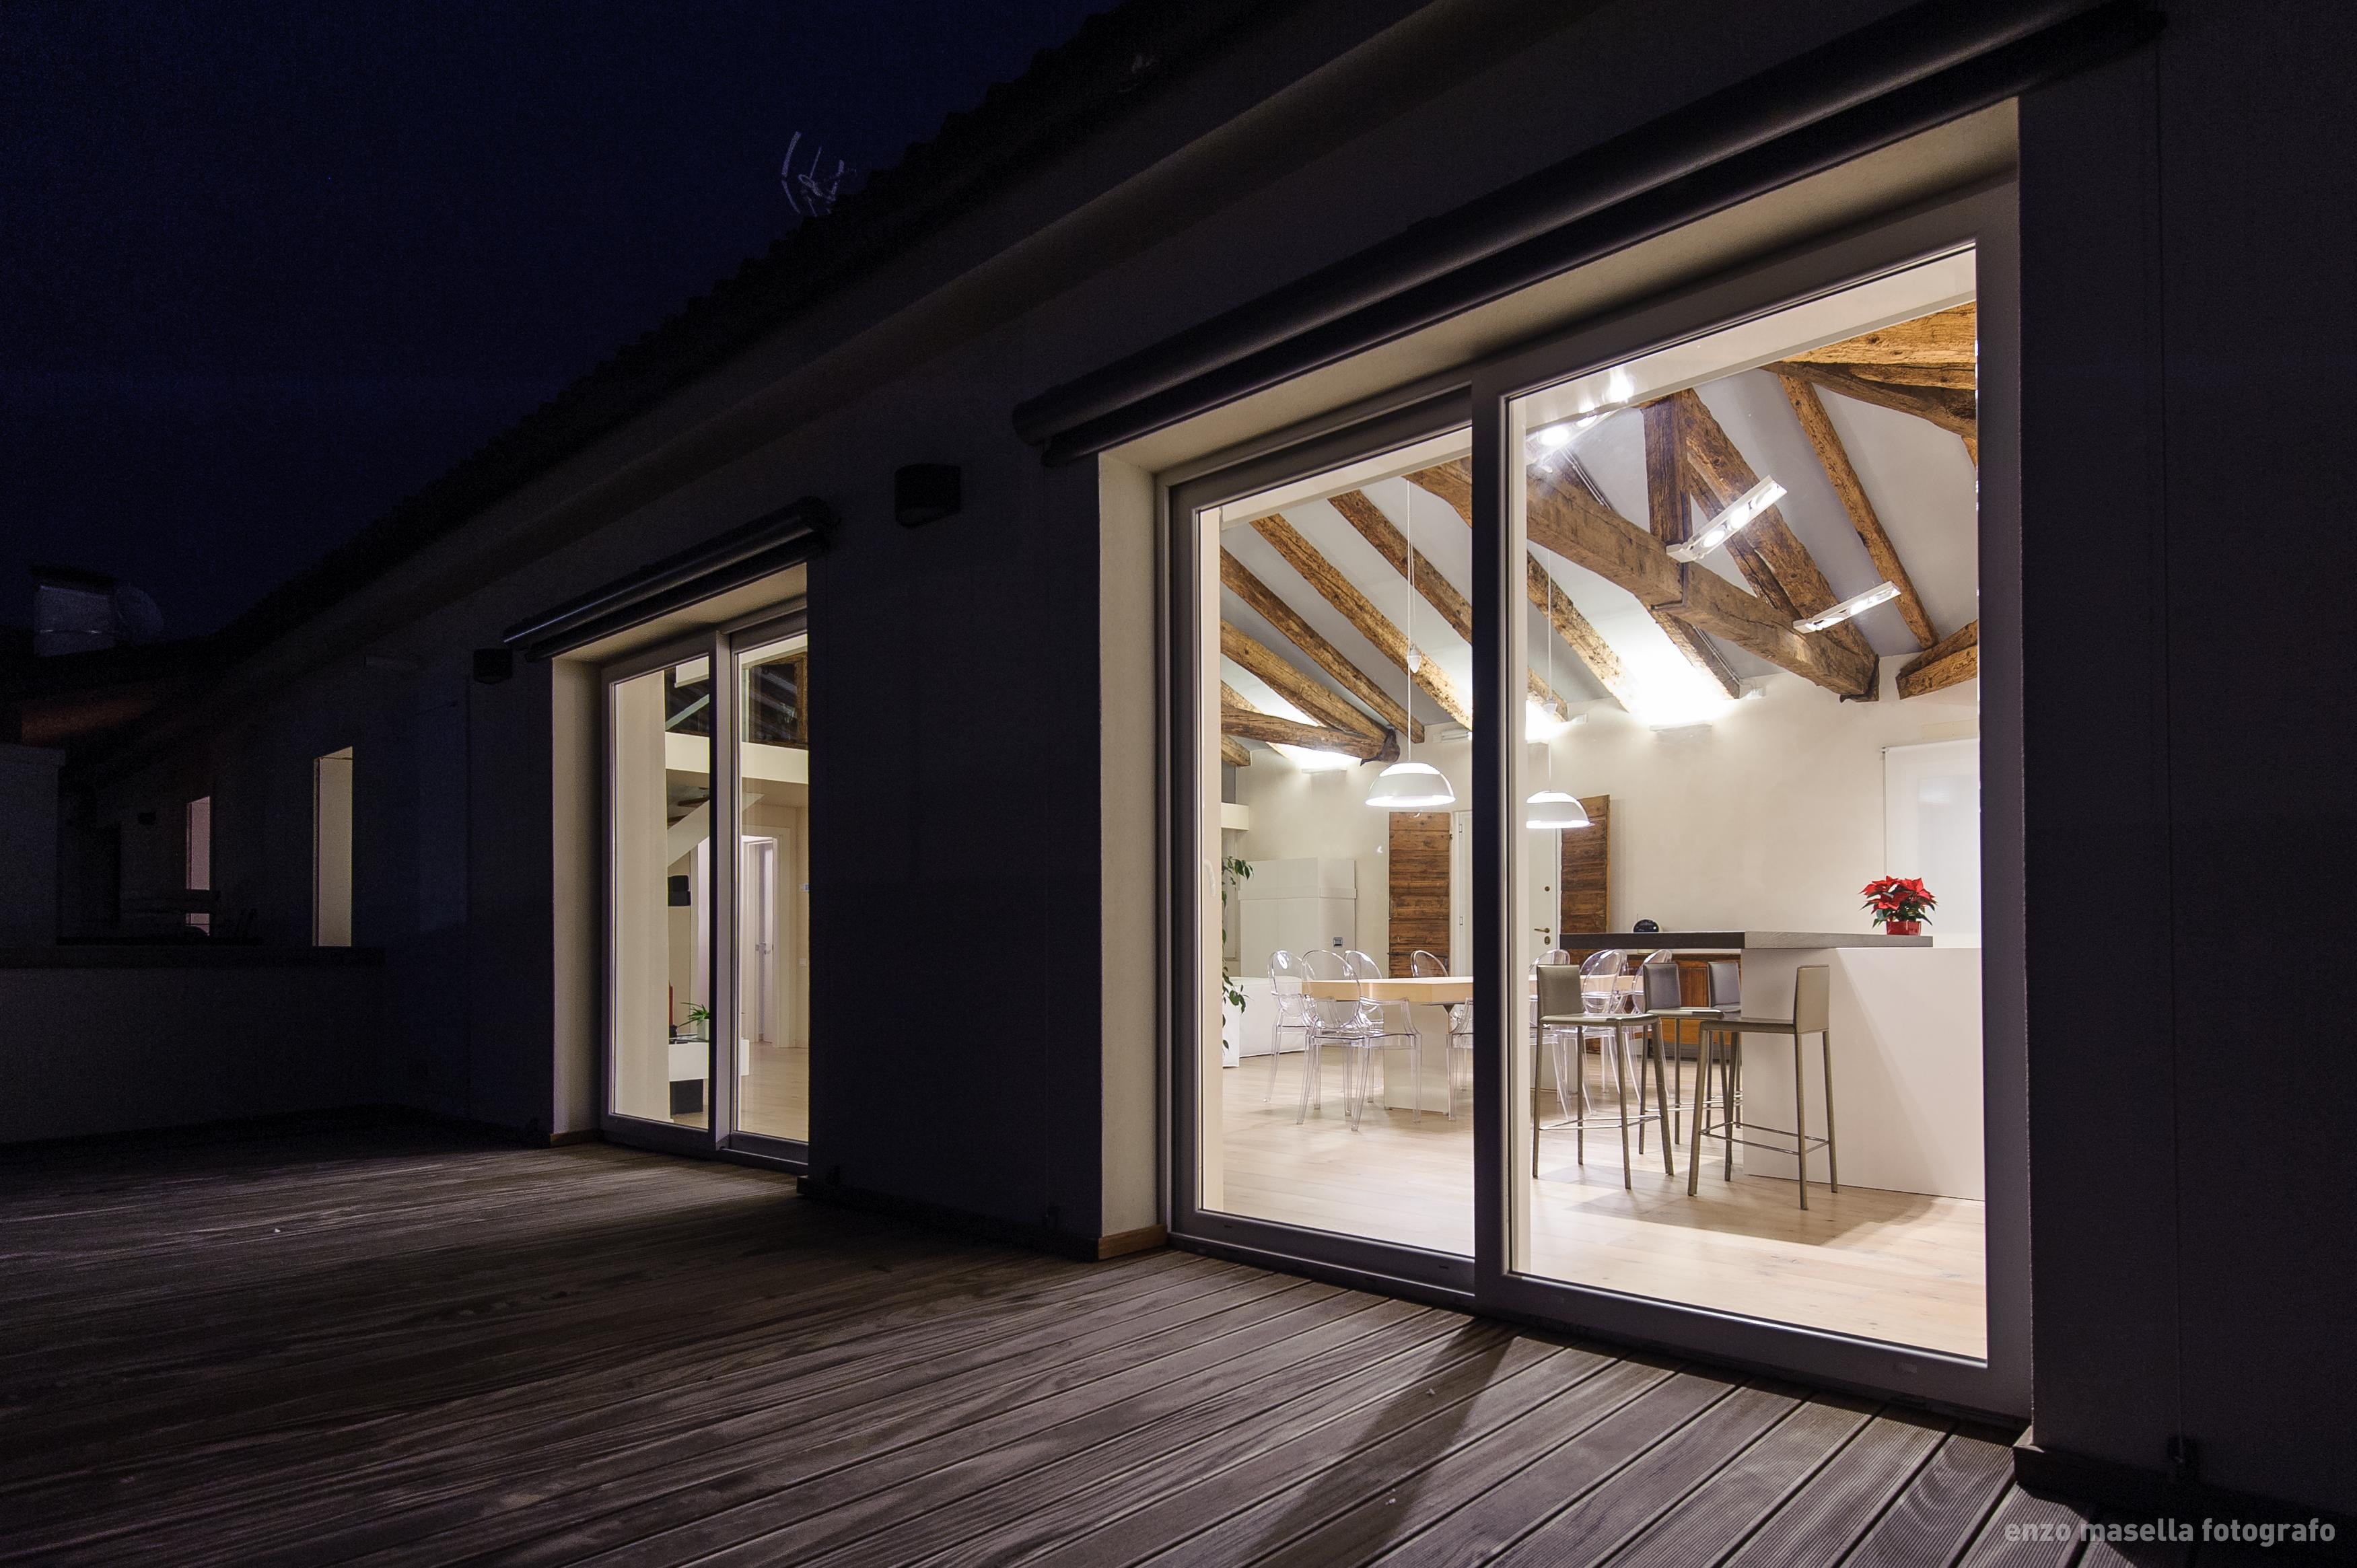 Loft f attico interni for Arredamento attico